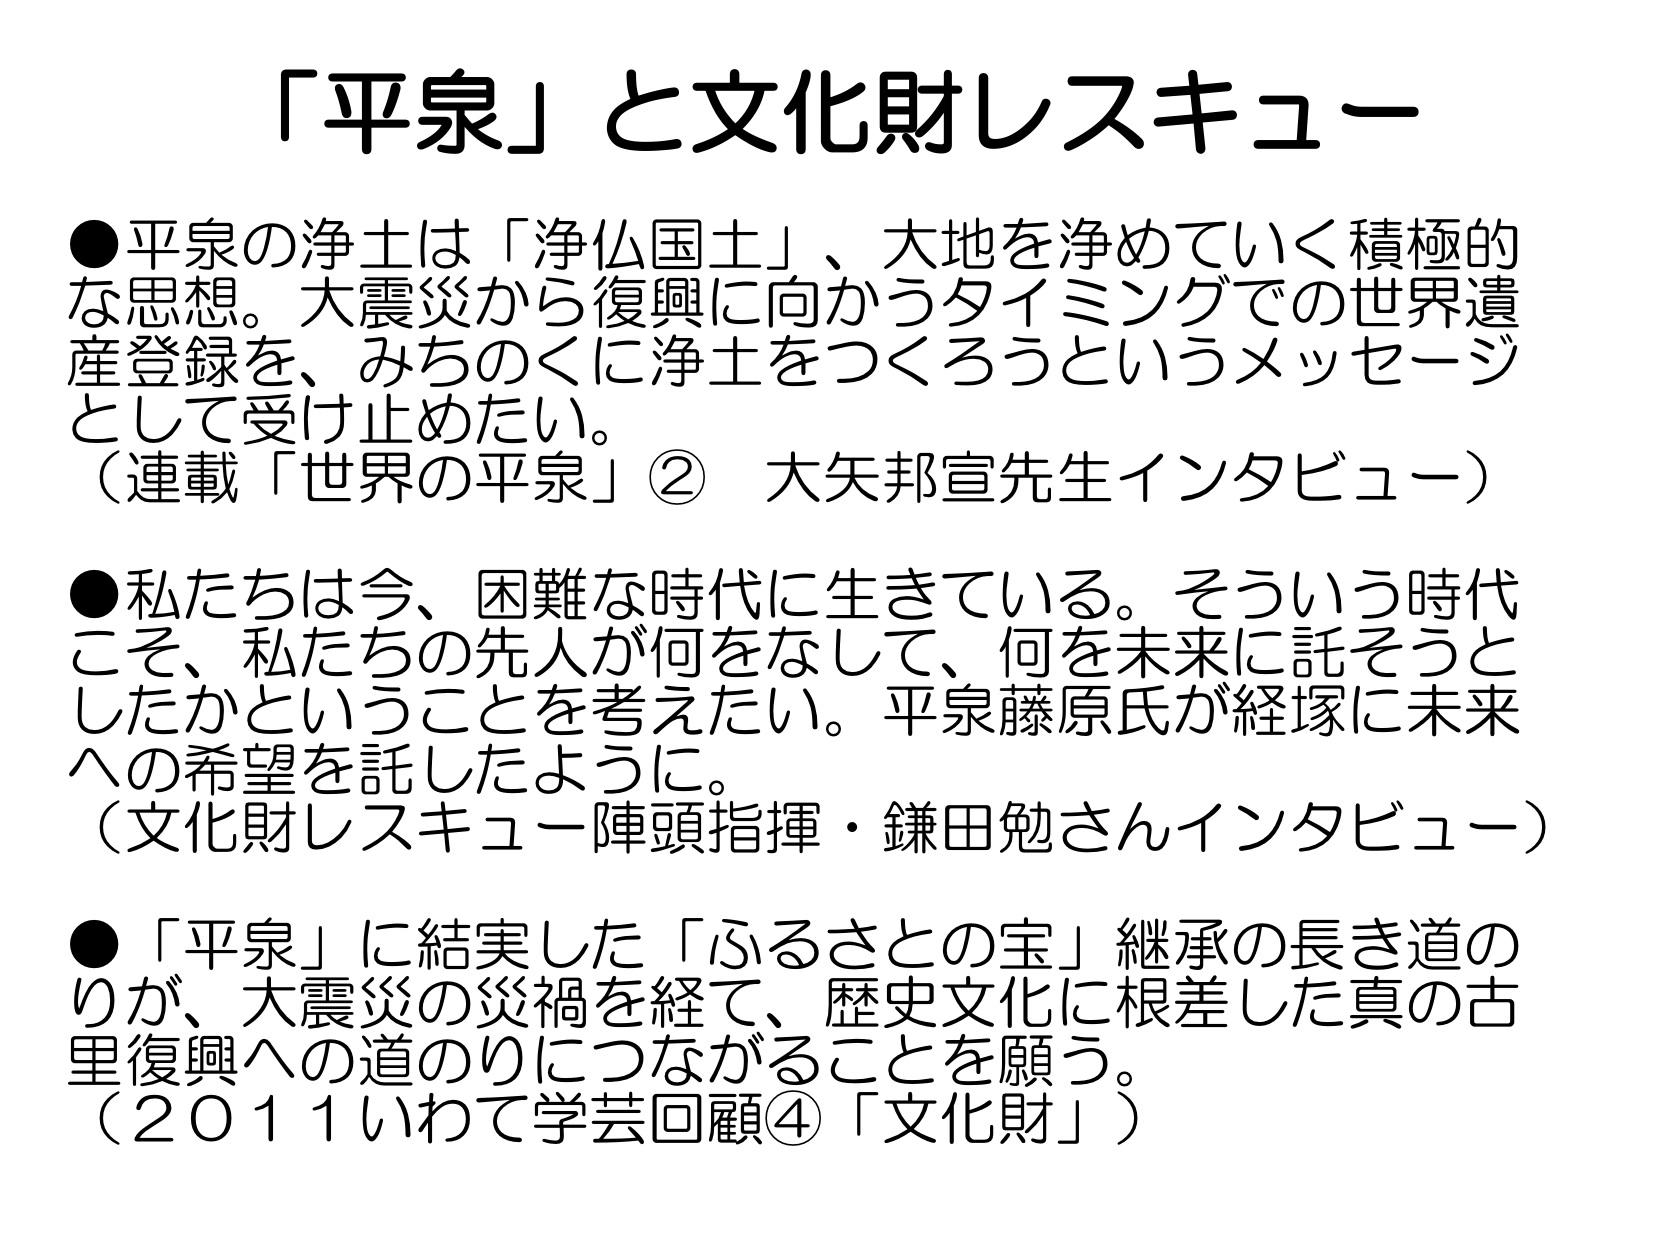 「震災と報道…心のケア、文化財、音楽」…③_a0103650_0574241.jpg